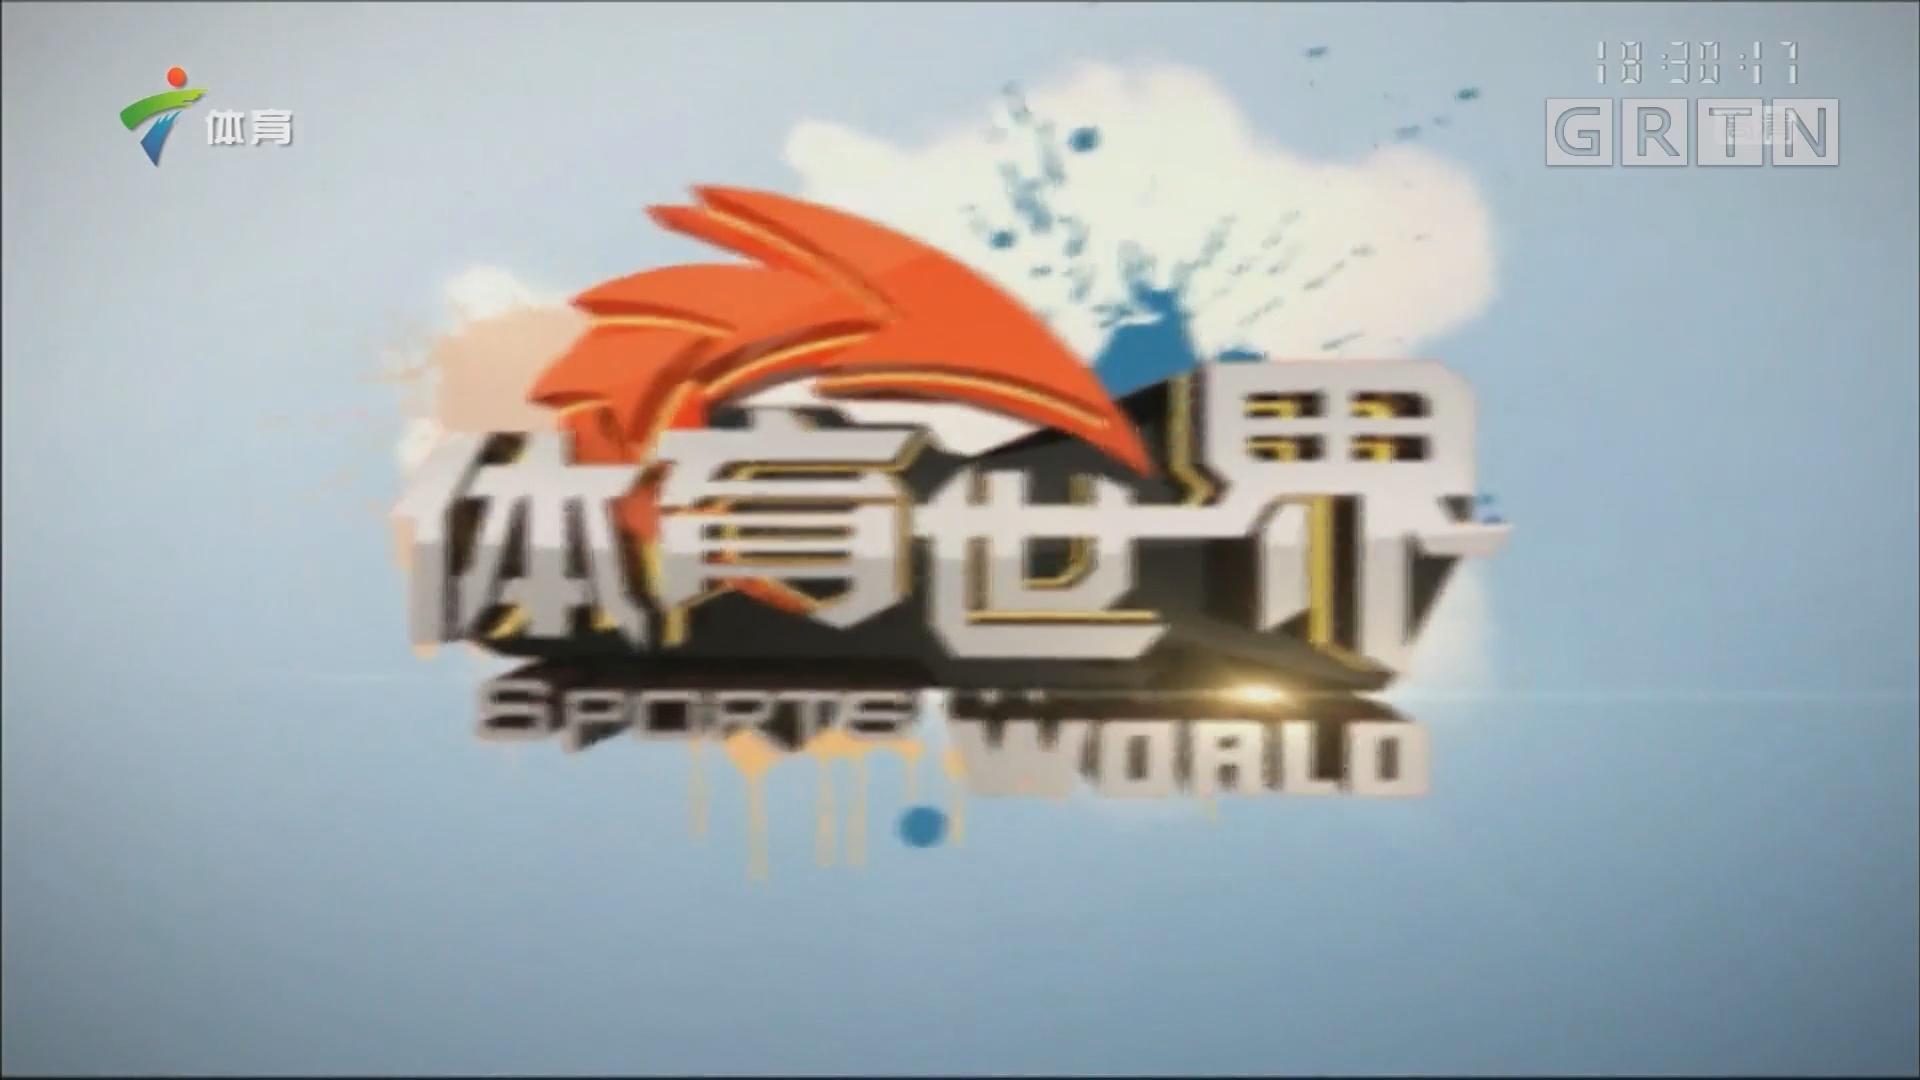 [HD][2017-07-26]体育世界:南岭村足球氛围浓厚 群众基础是赛事的后盾